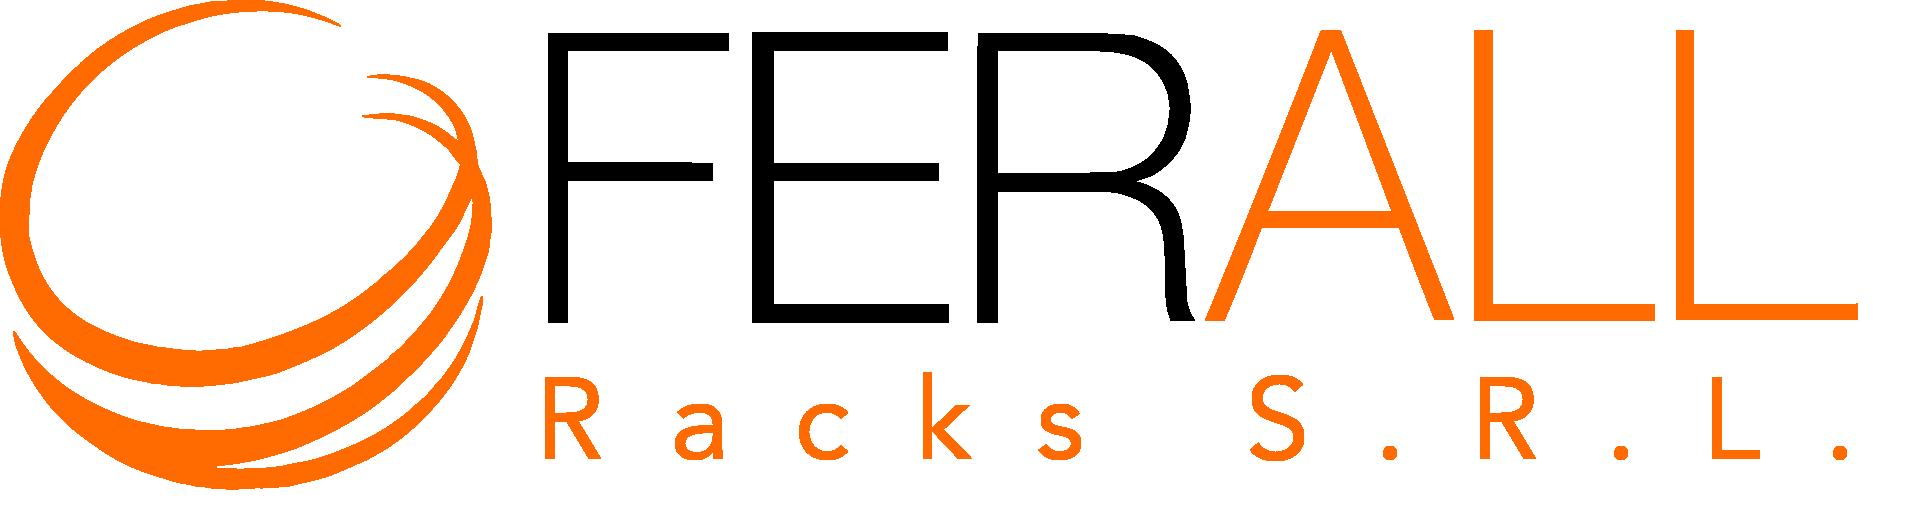 Ferall Racks S.R.L.